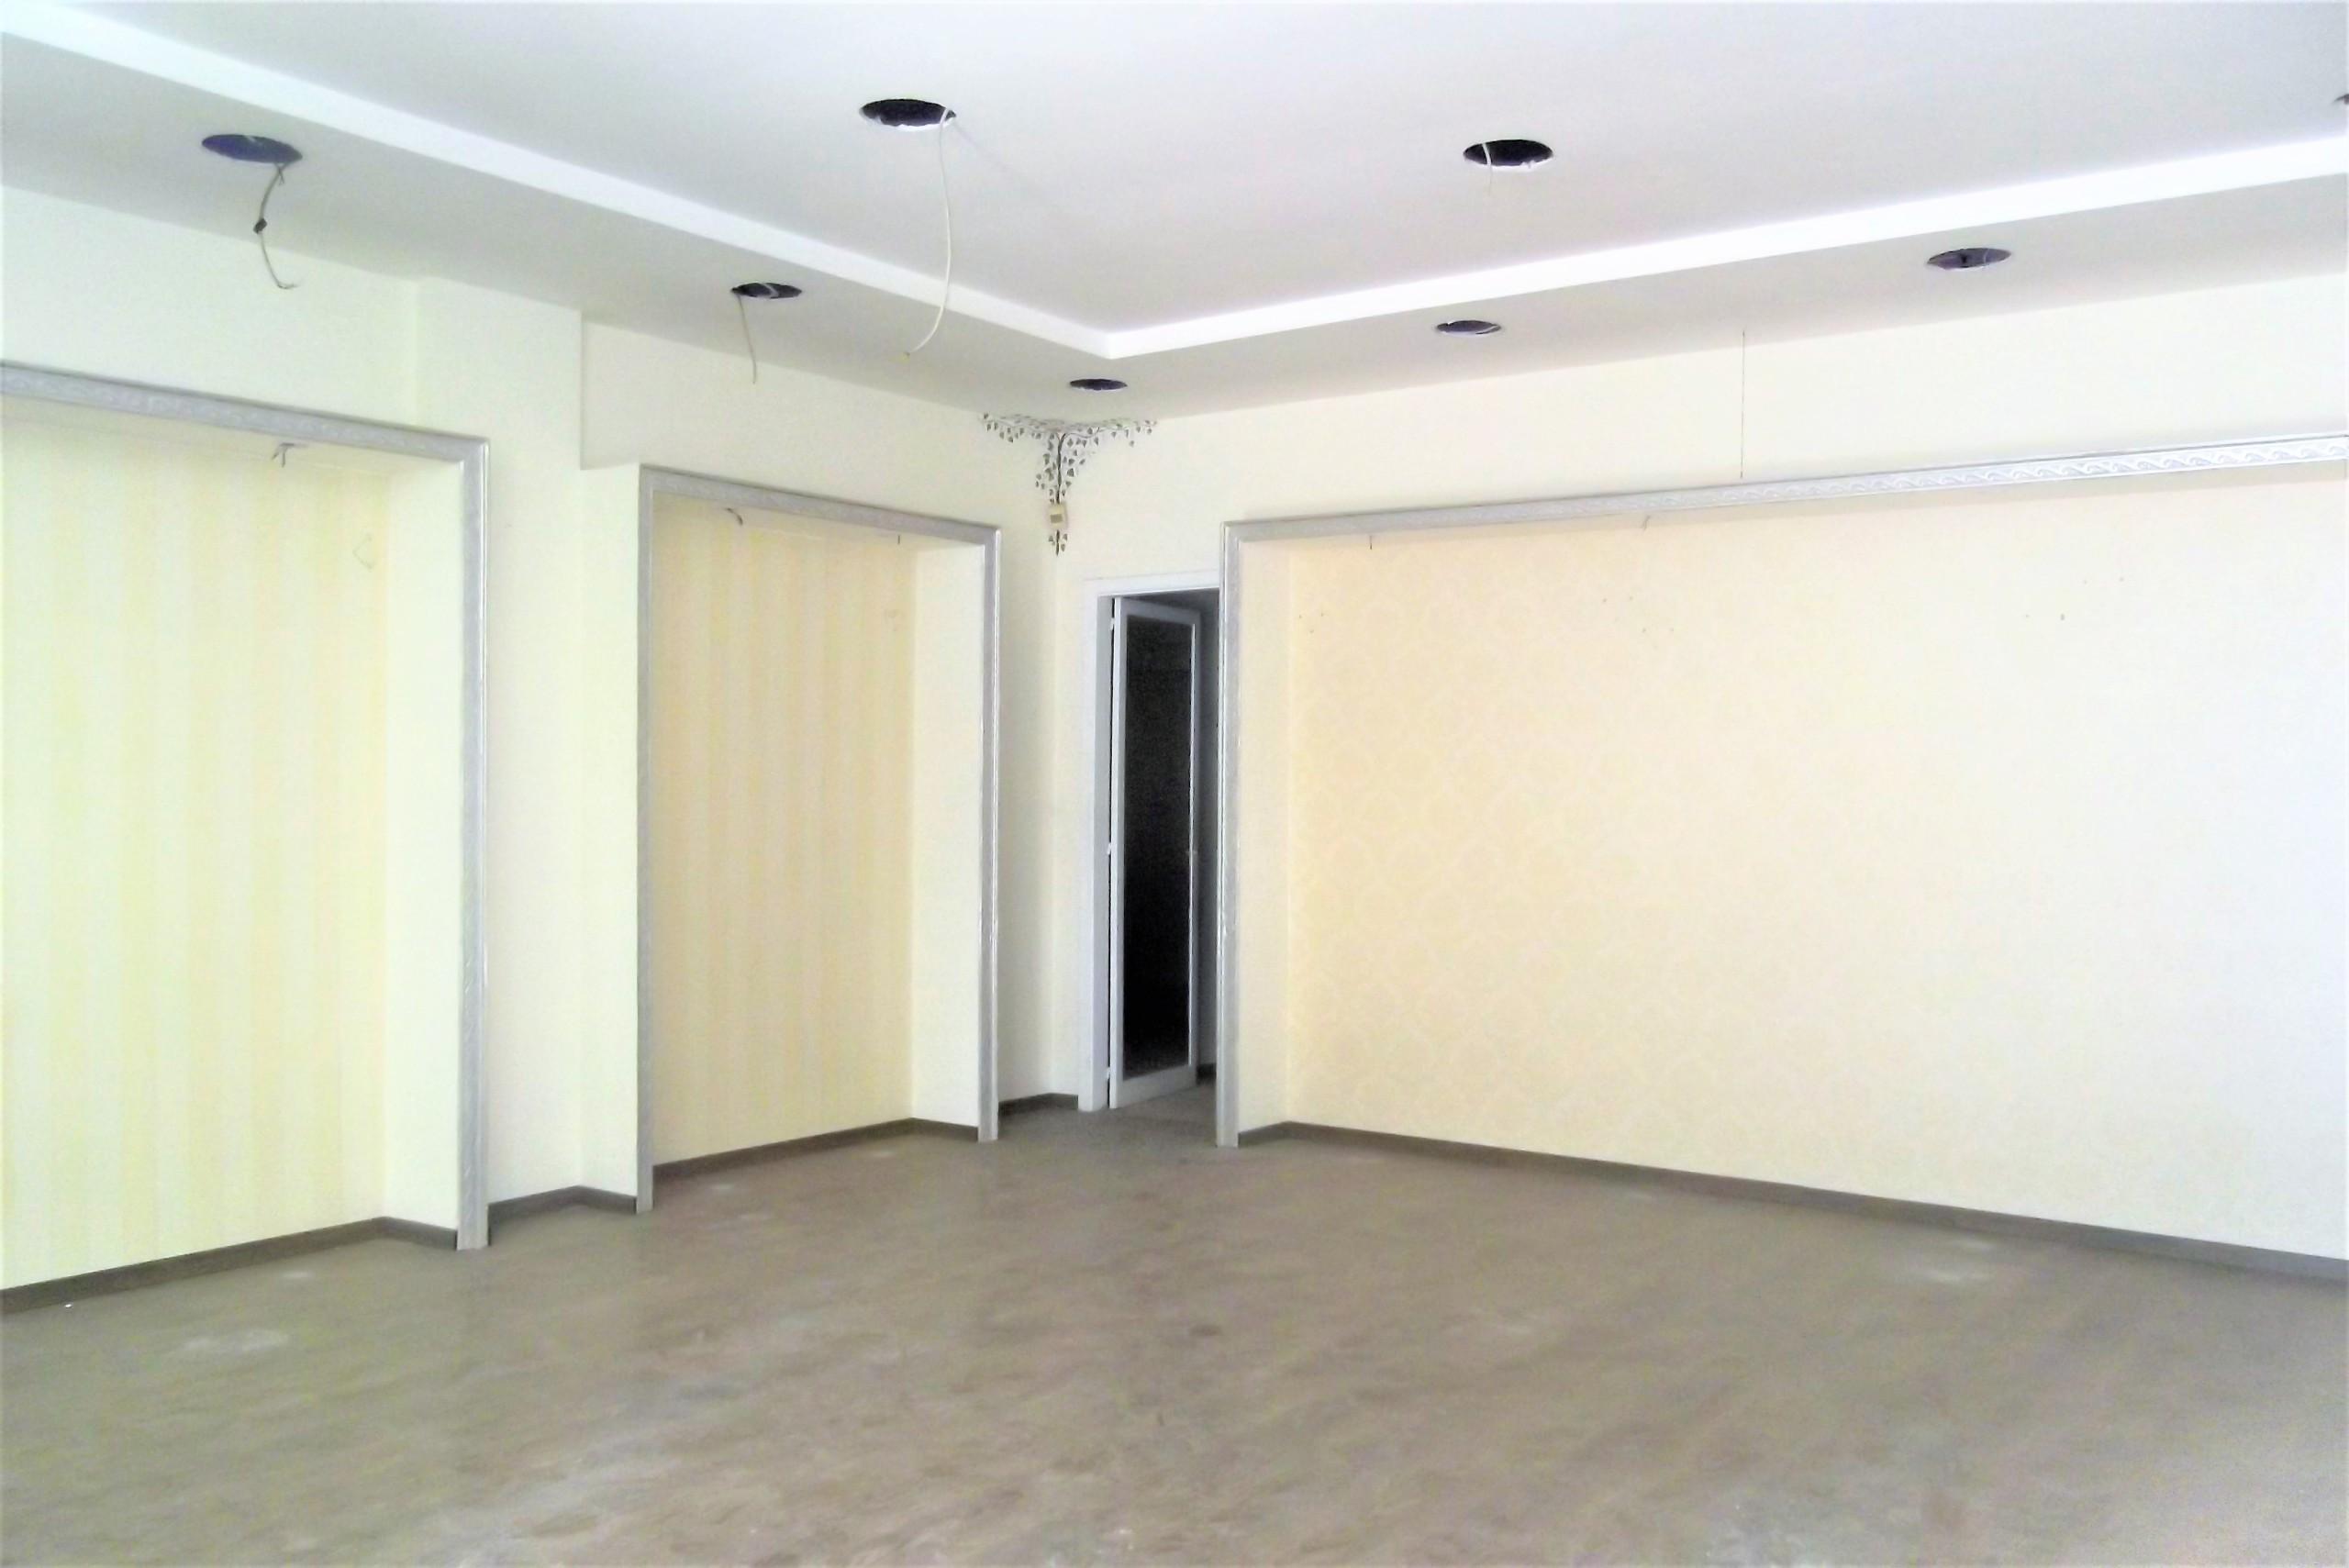 In vendita quarto annunci vendita e affitto case negozi e for Case in vendita quarto napoli